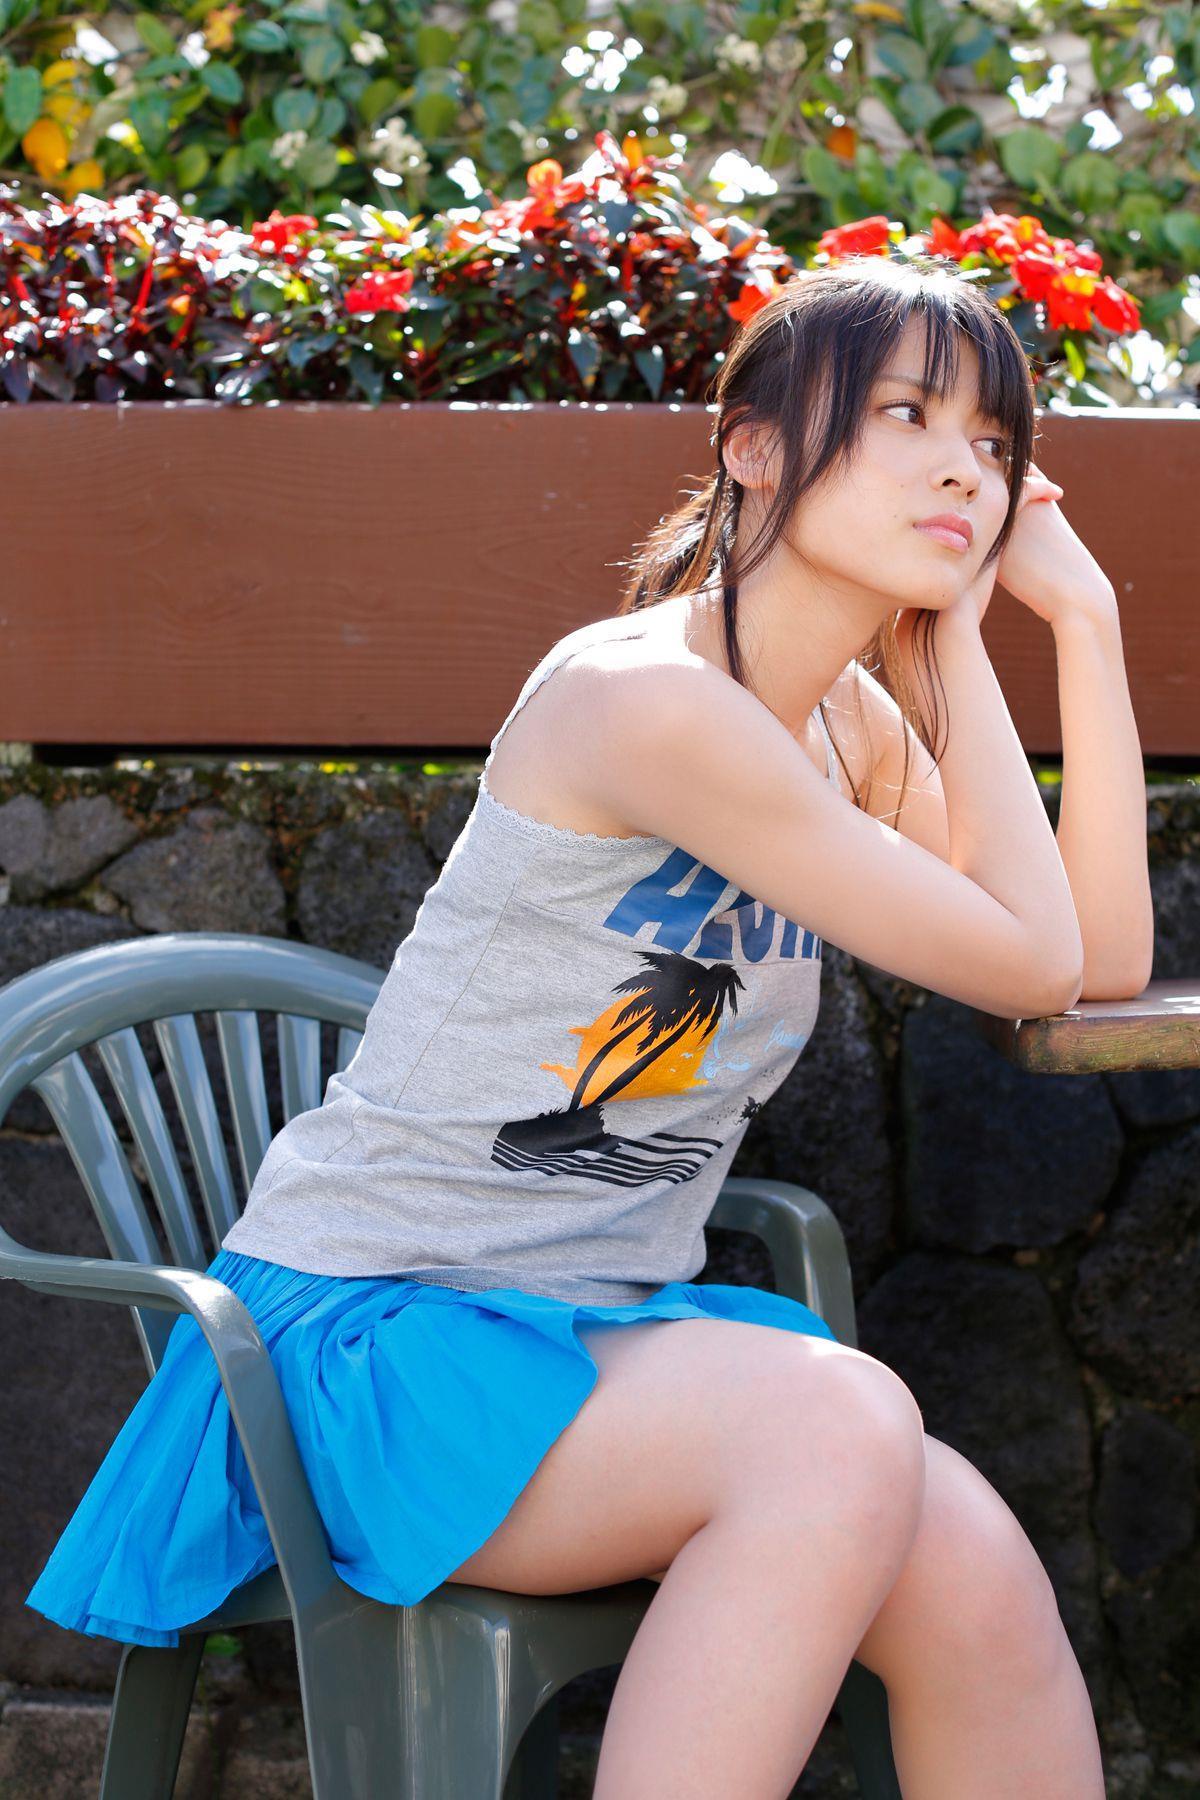 矢島舞美 画像 118